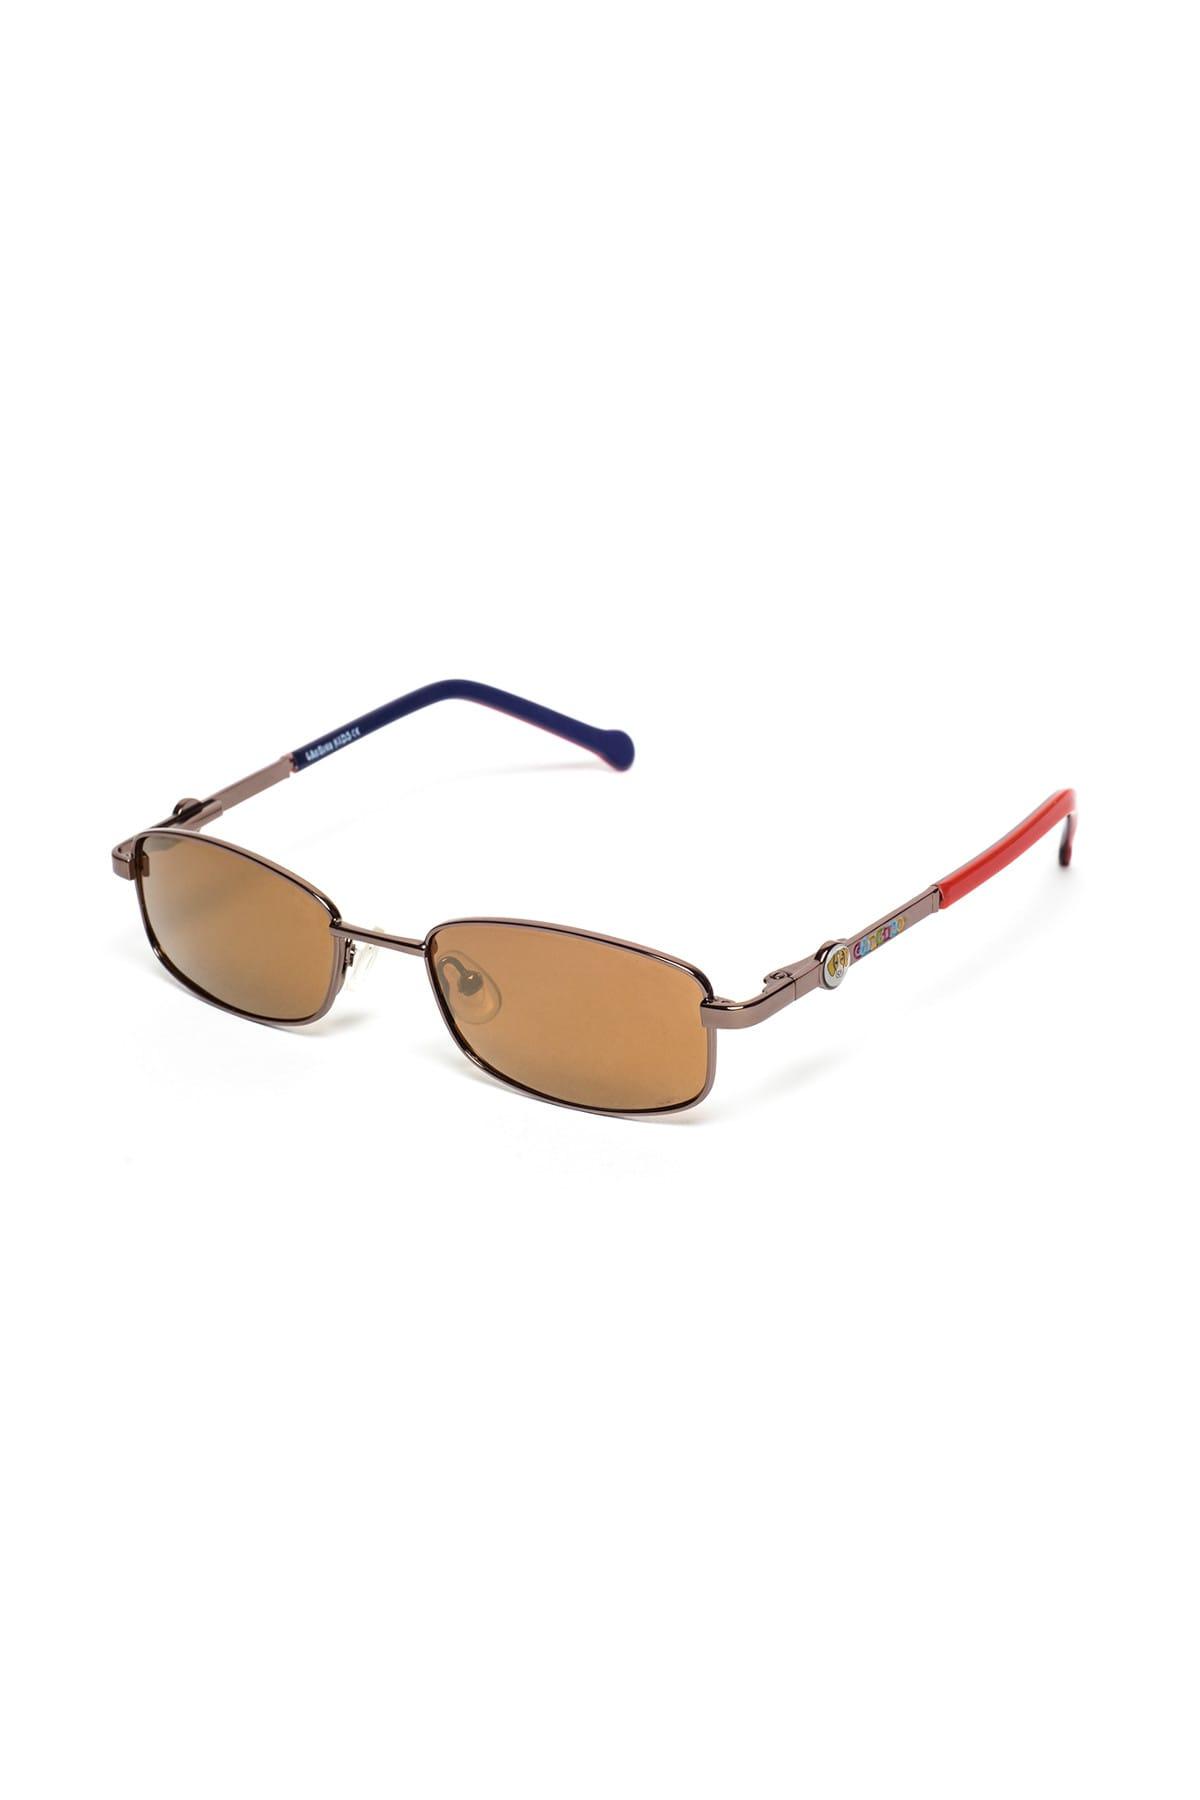 خرید انلاین عینک آفتابی پسرانه طرح دار برند Garbino رنگ قرمز ty5214657